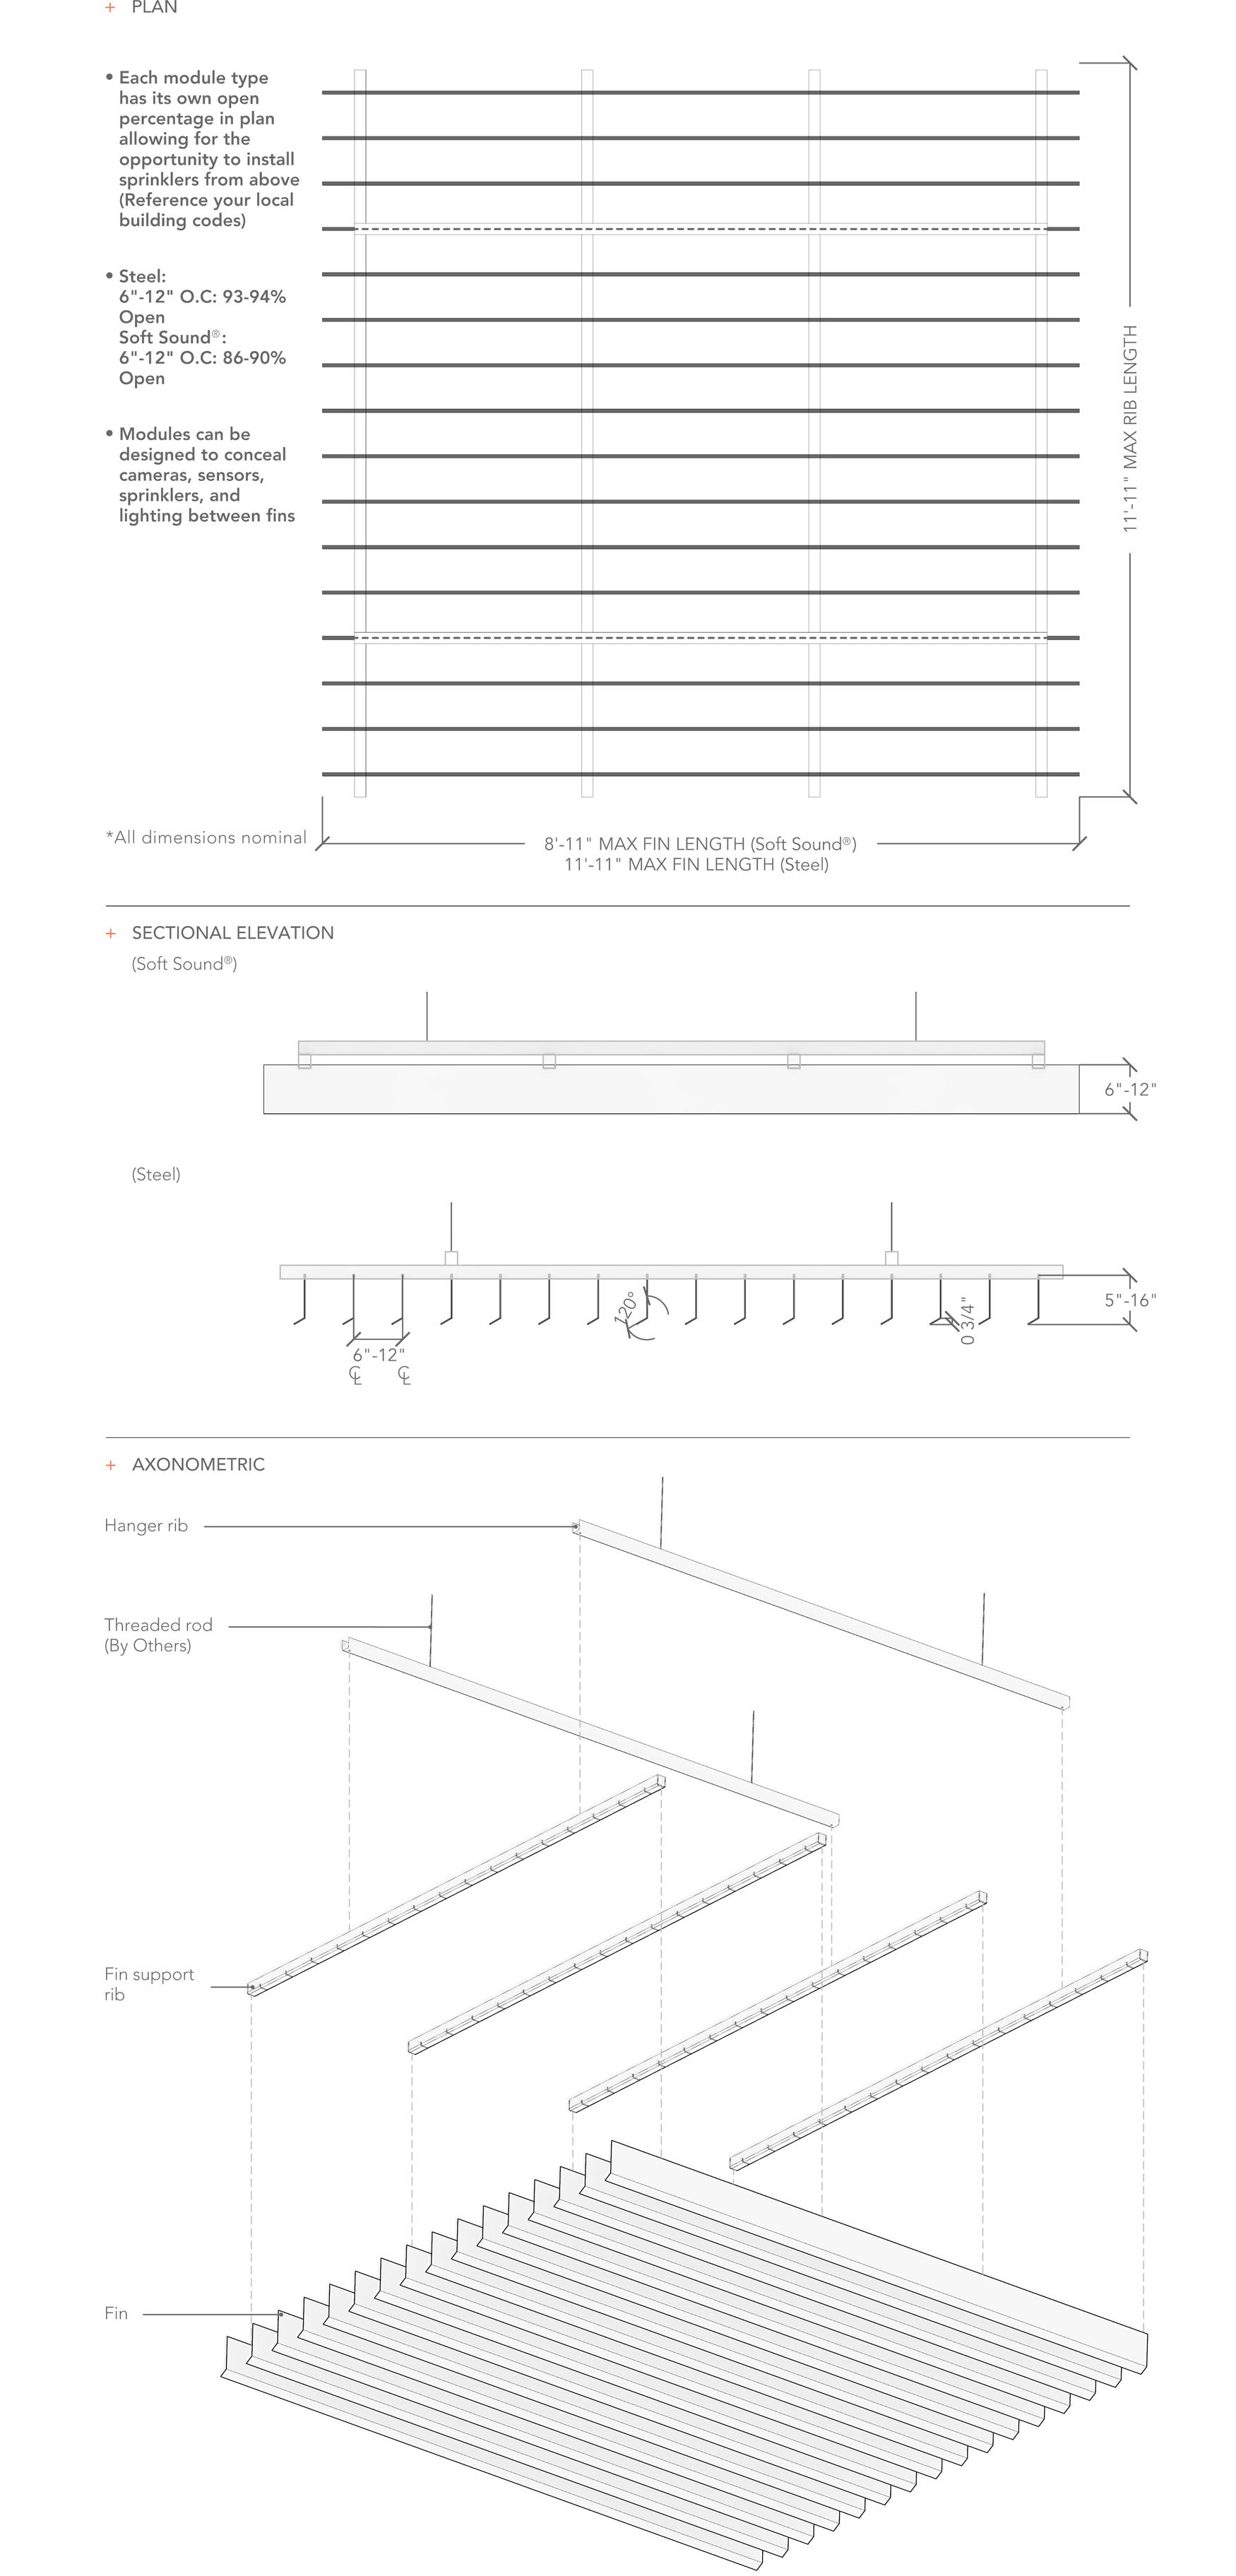 Atmosphera_Analog_Web-Scaled